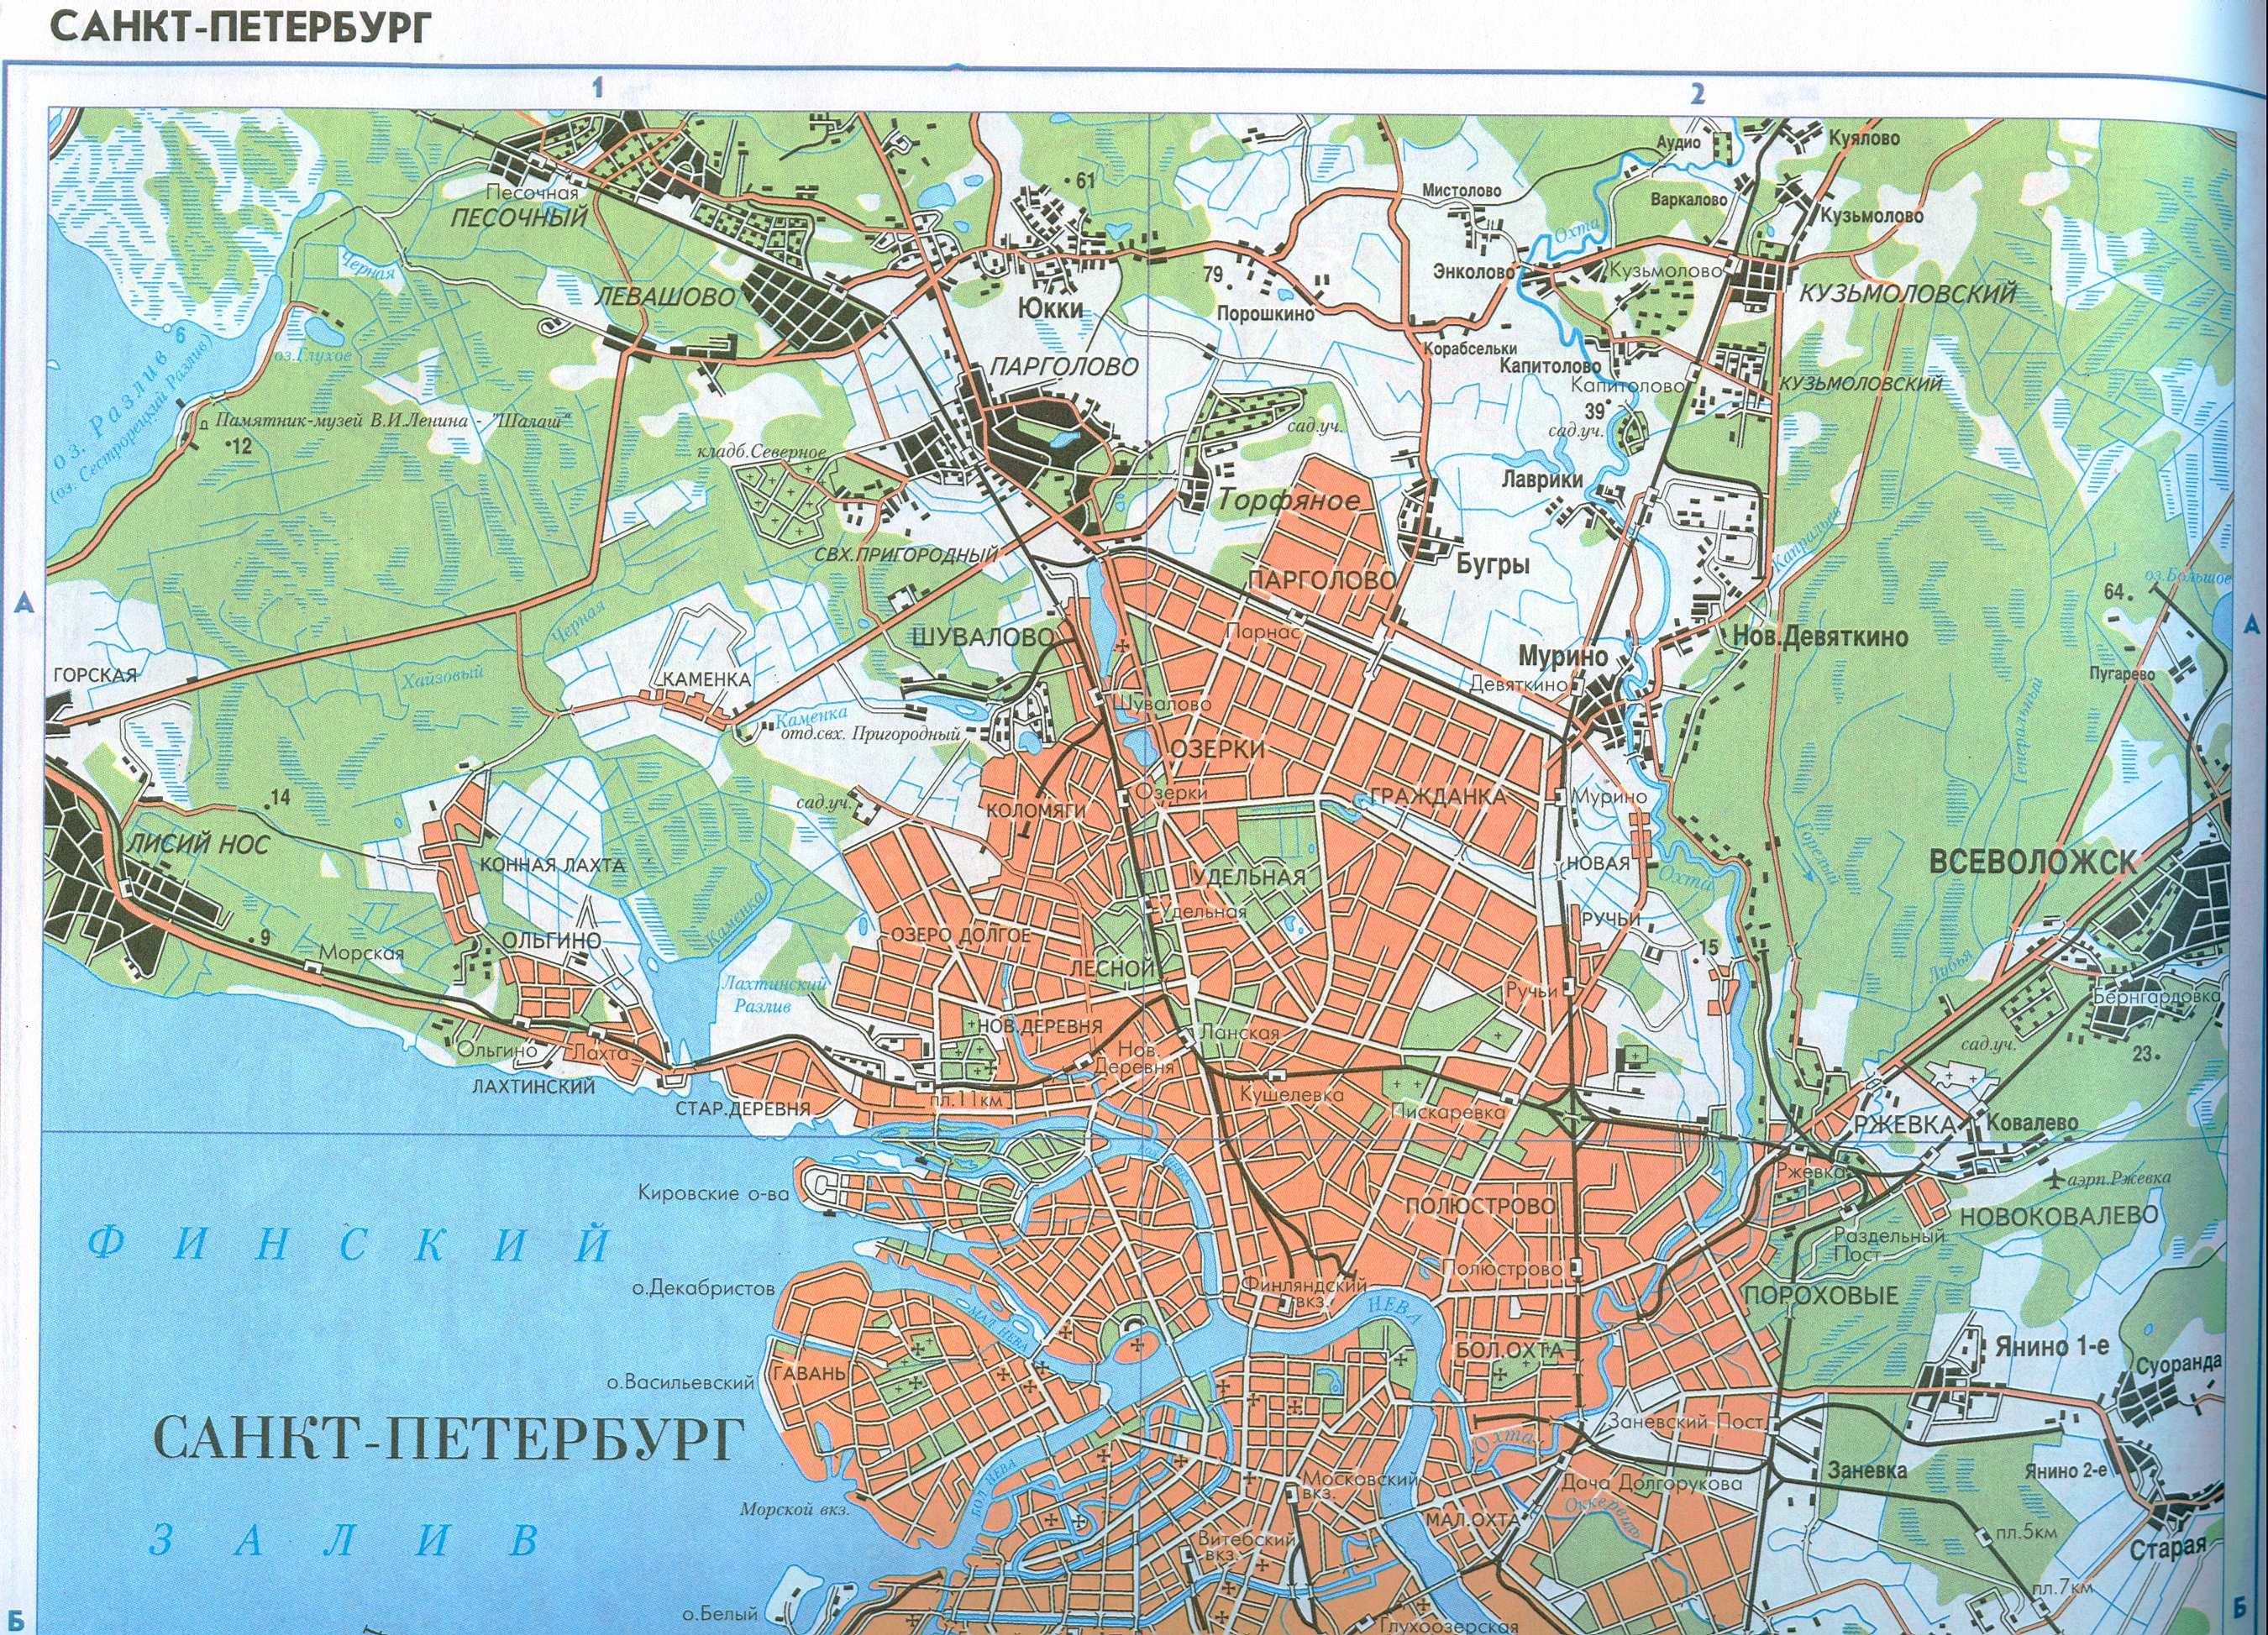 карта санкт-петербурга с достопримечательностями с фото